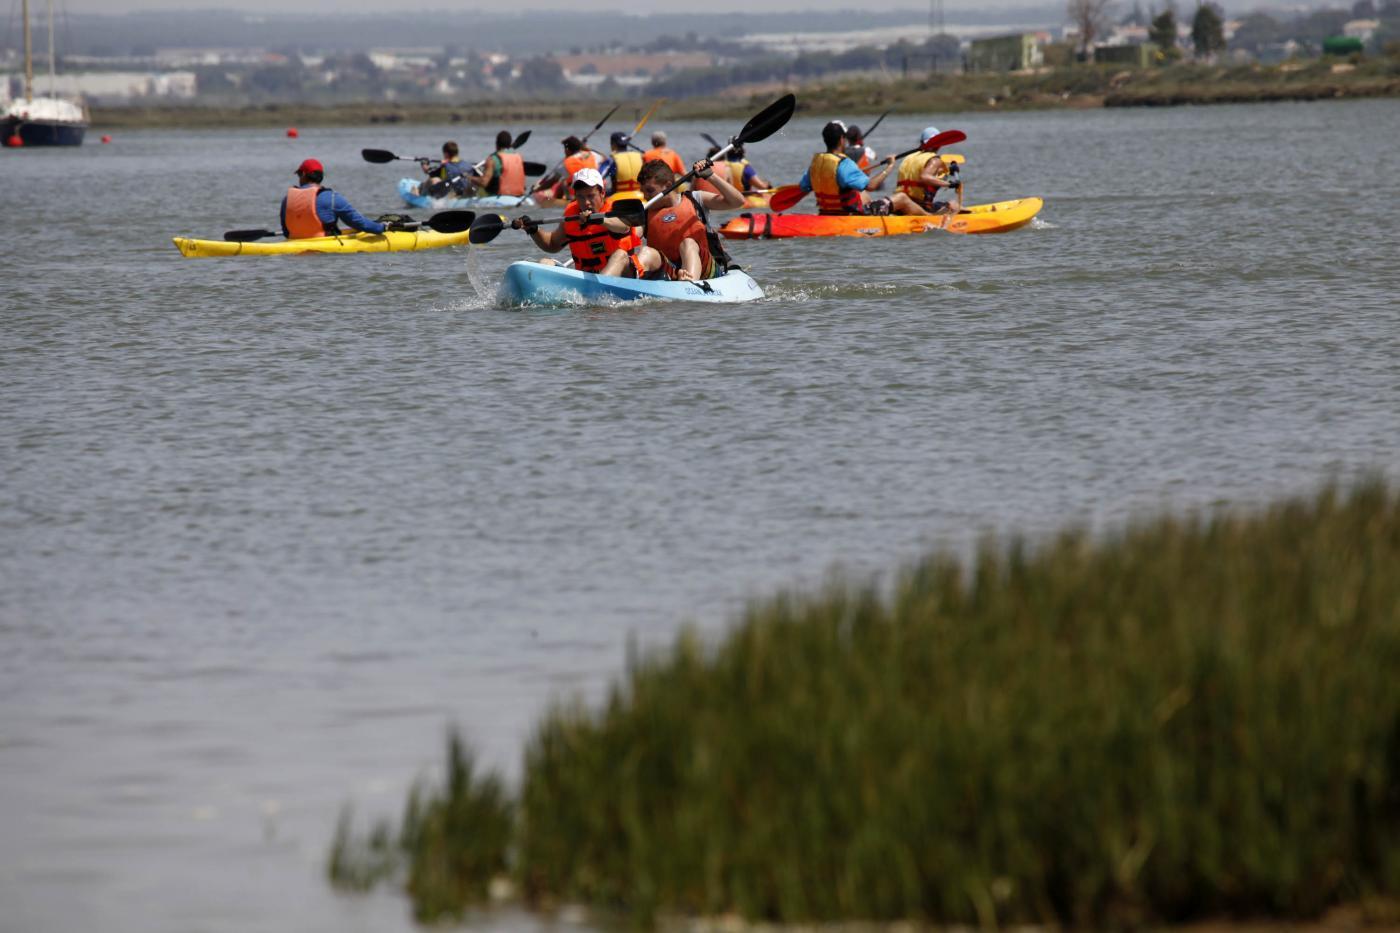 Sábado Deportivo de Islantilla con descenso del río Piedras en kayak